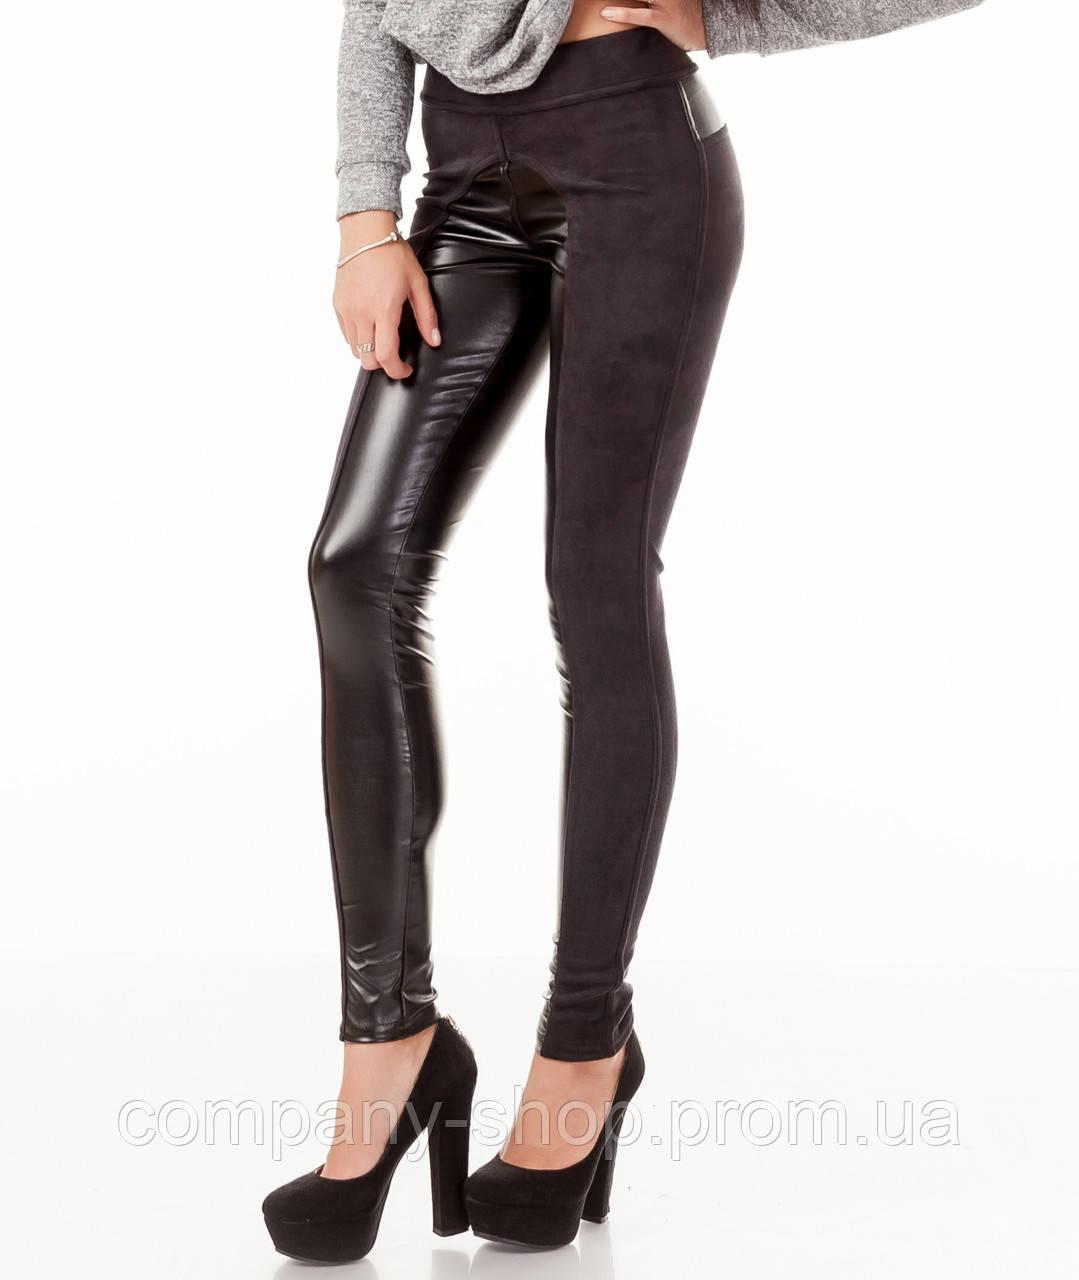 a4a45f7d4fcdc ... Леггинсы брюки комбинированные с замшей опт. Модель L056_черный., фото  4 ...